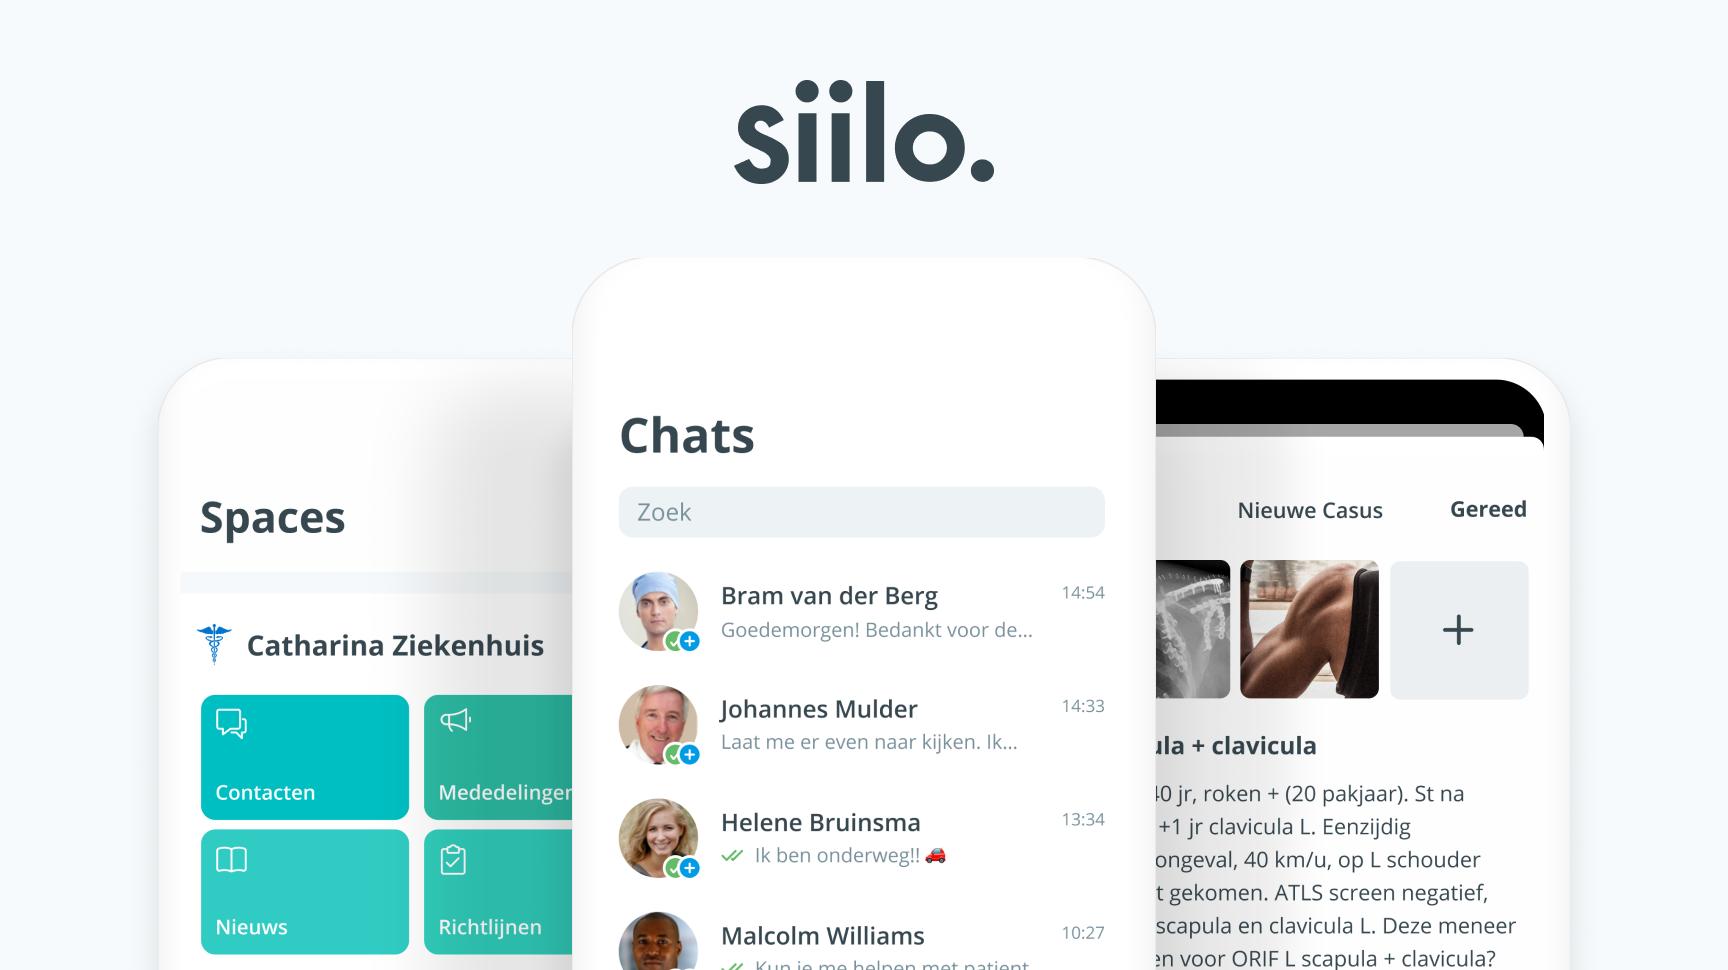 Siilo-app